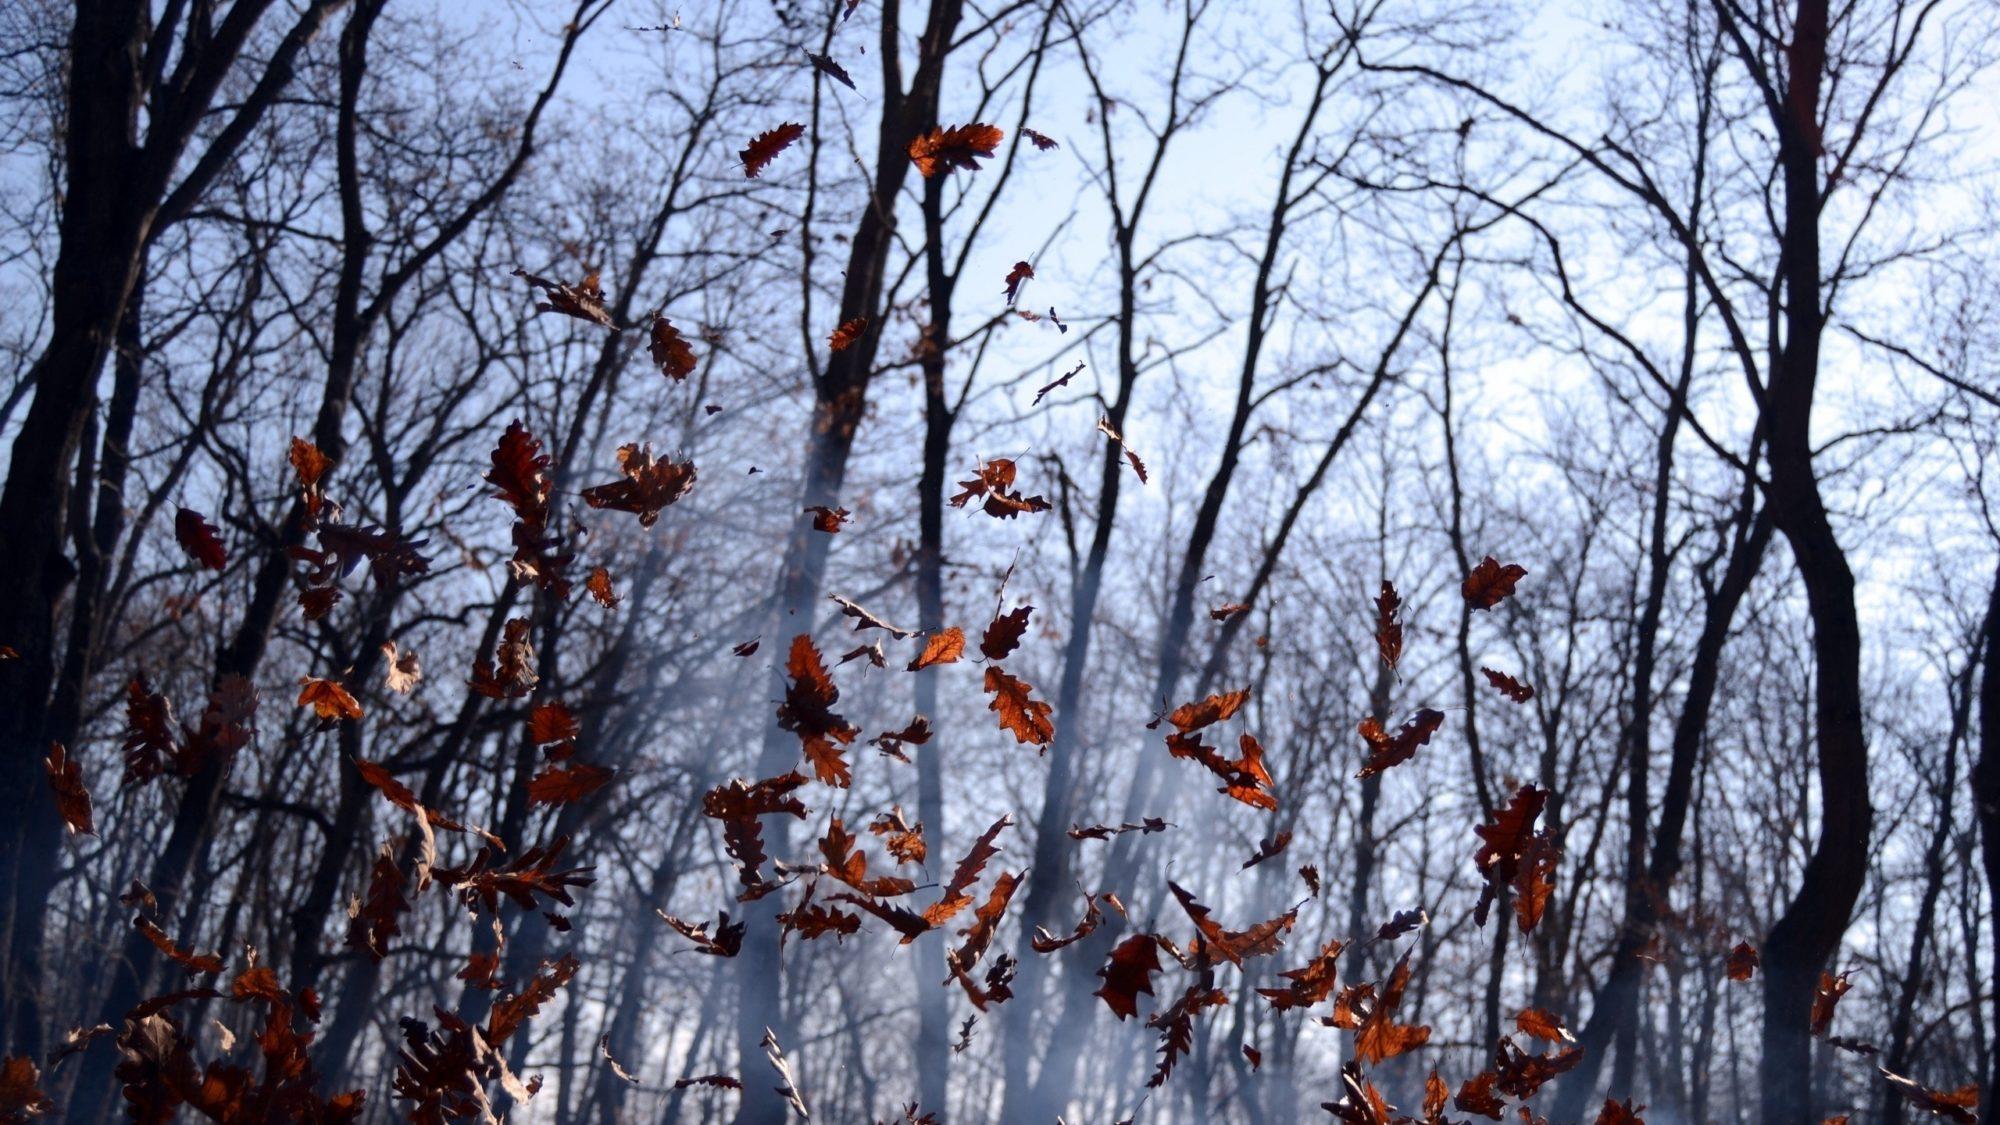 Мінус та сильний вітер: погода на 21 листопада на Київщині - прогноз погоди, погода - 21 pogoda4 2000x1125